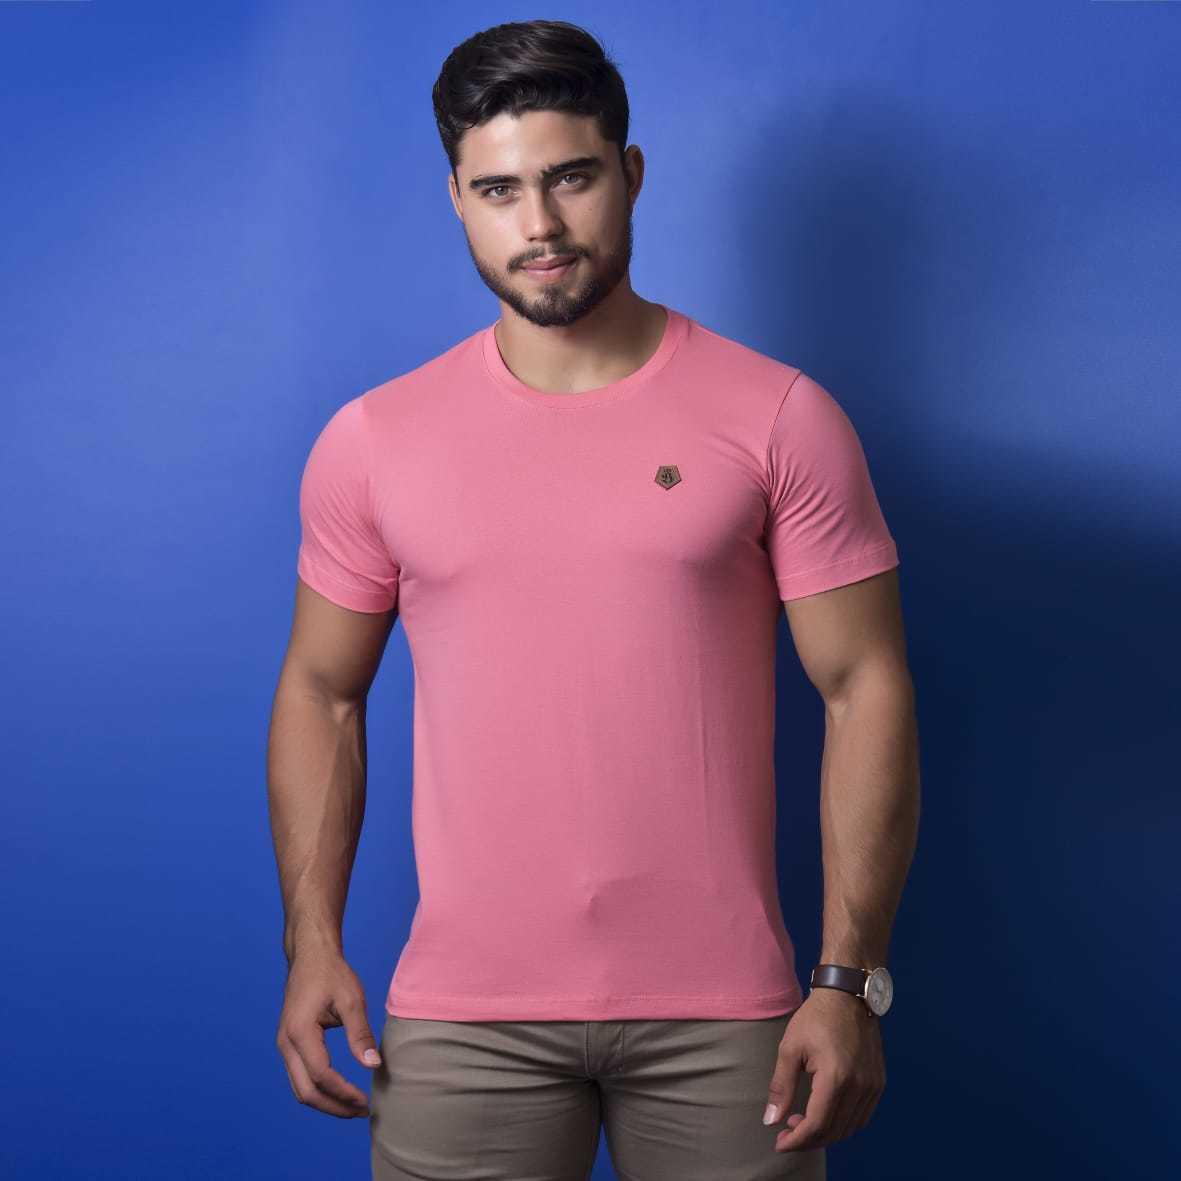 Camiseta Básica Malha 100% Algodão Emblema Bordado Burguês